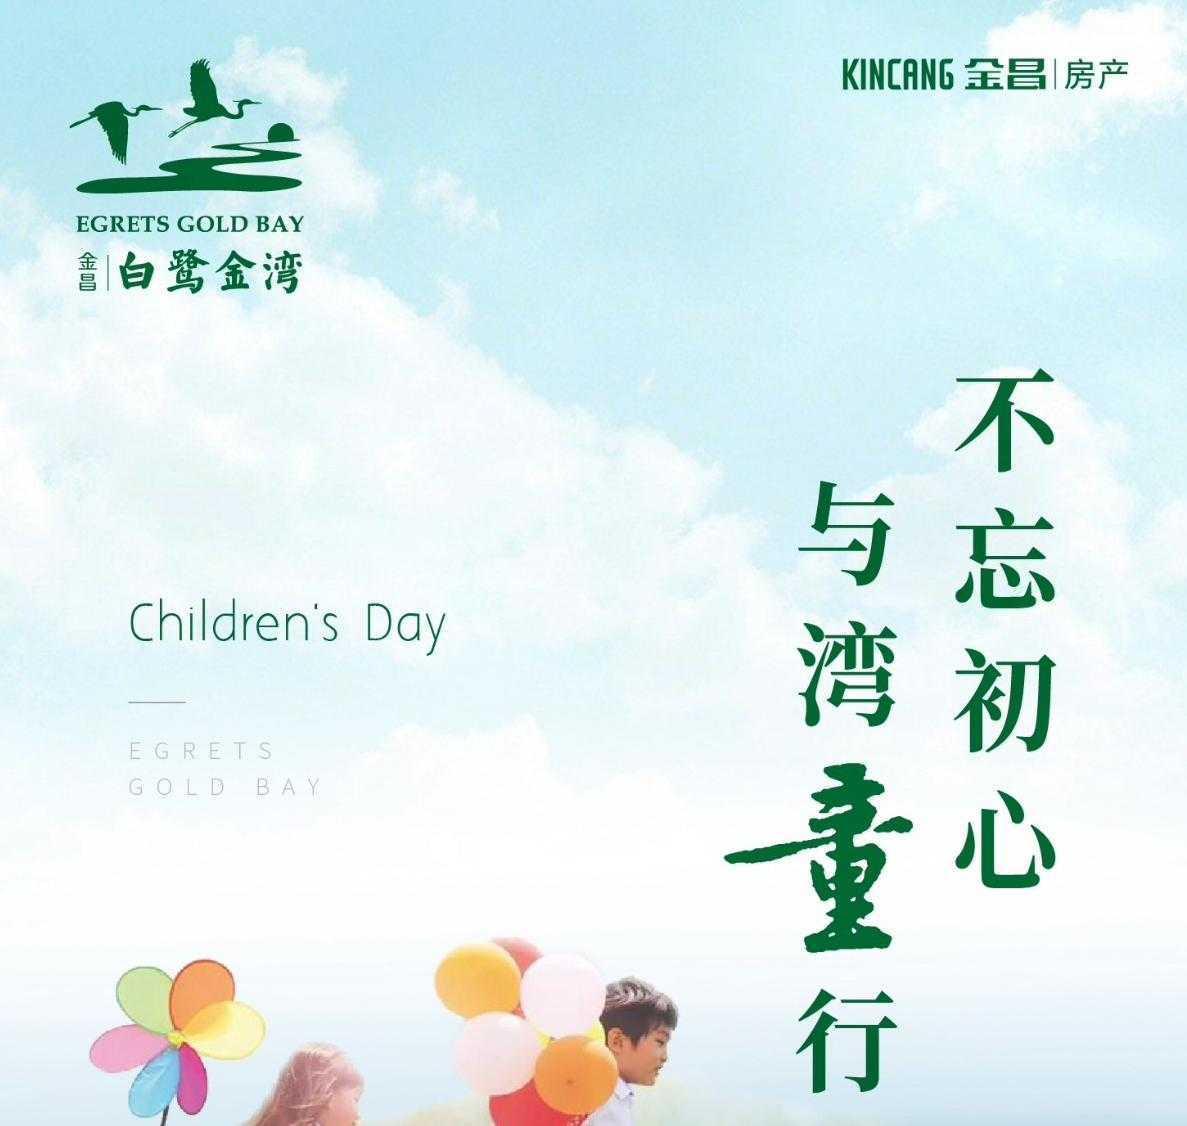 6.1国际儿童节|嵊州白鹭金湾不忘初心,与湾童行